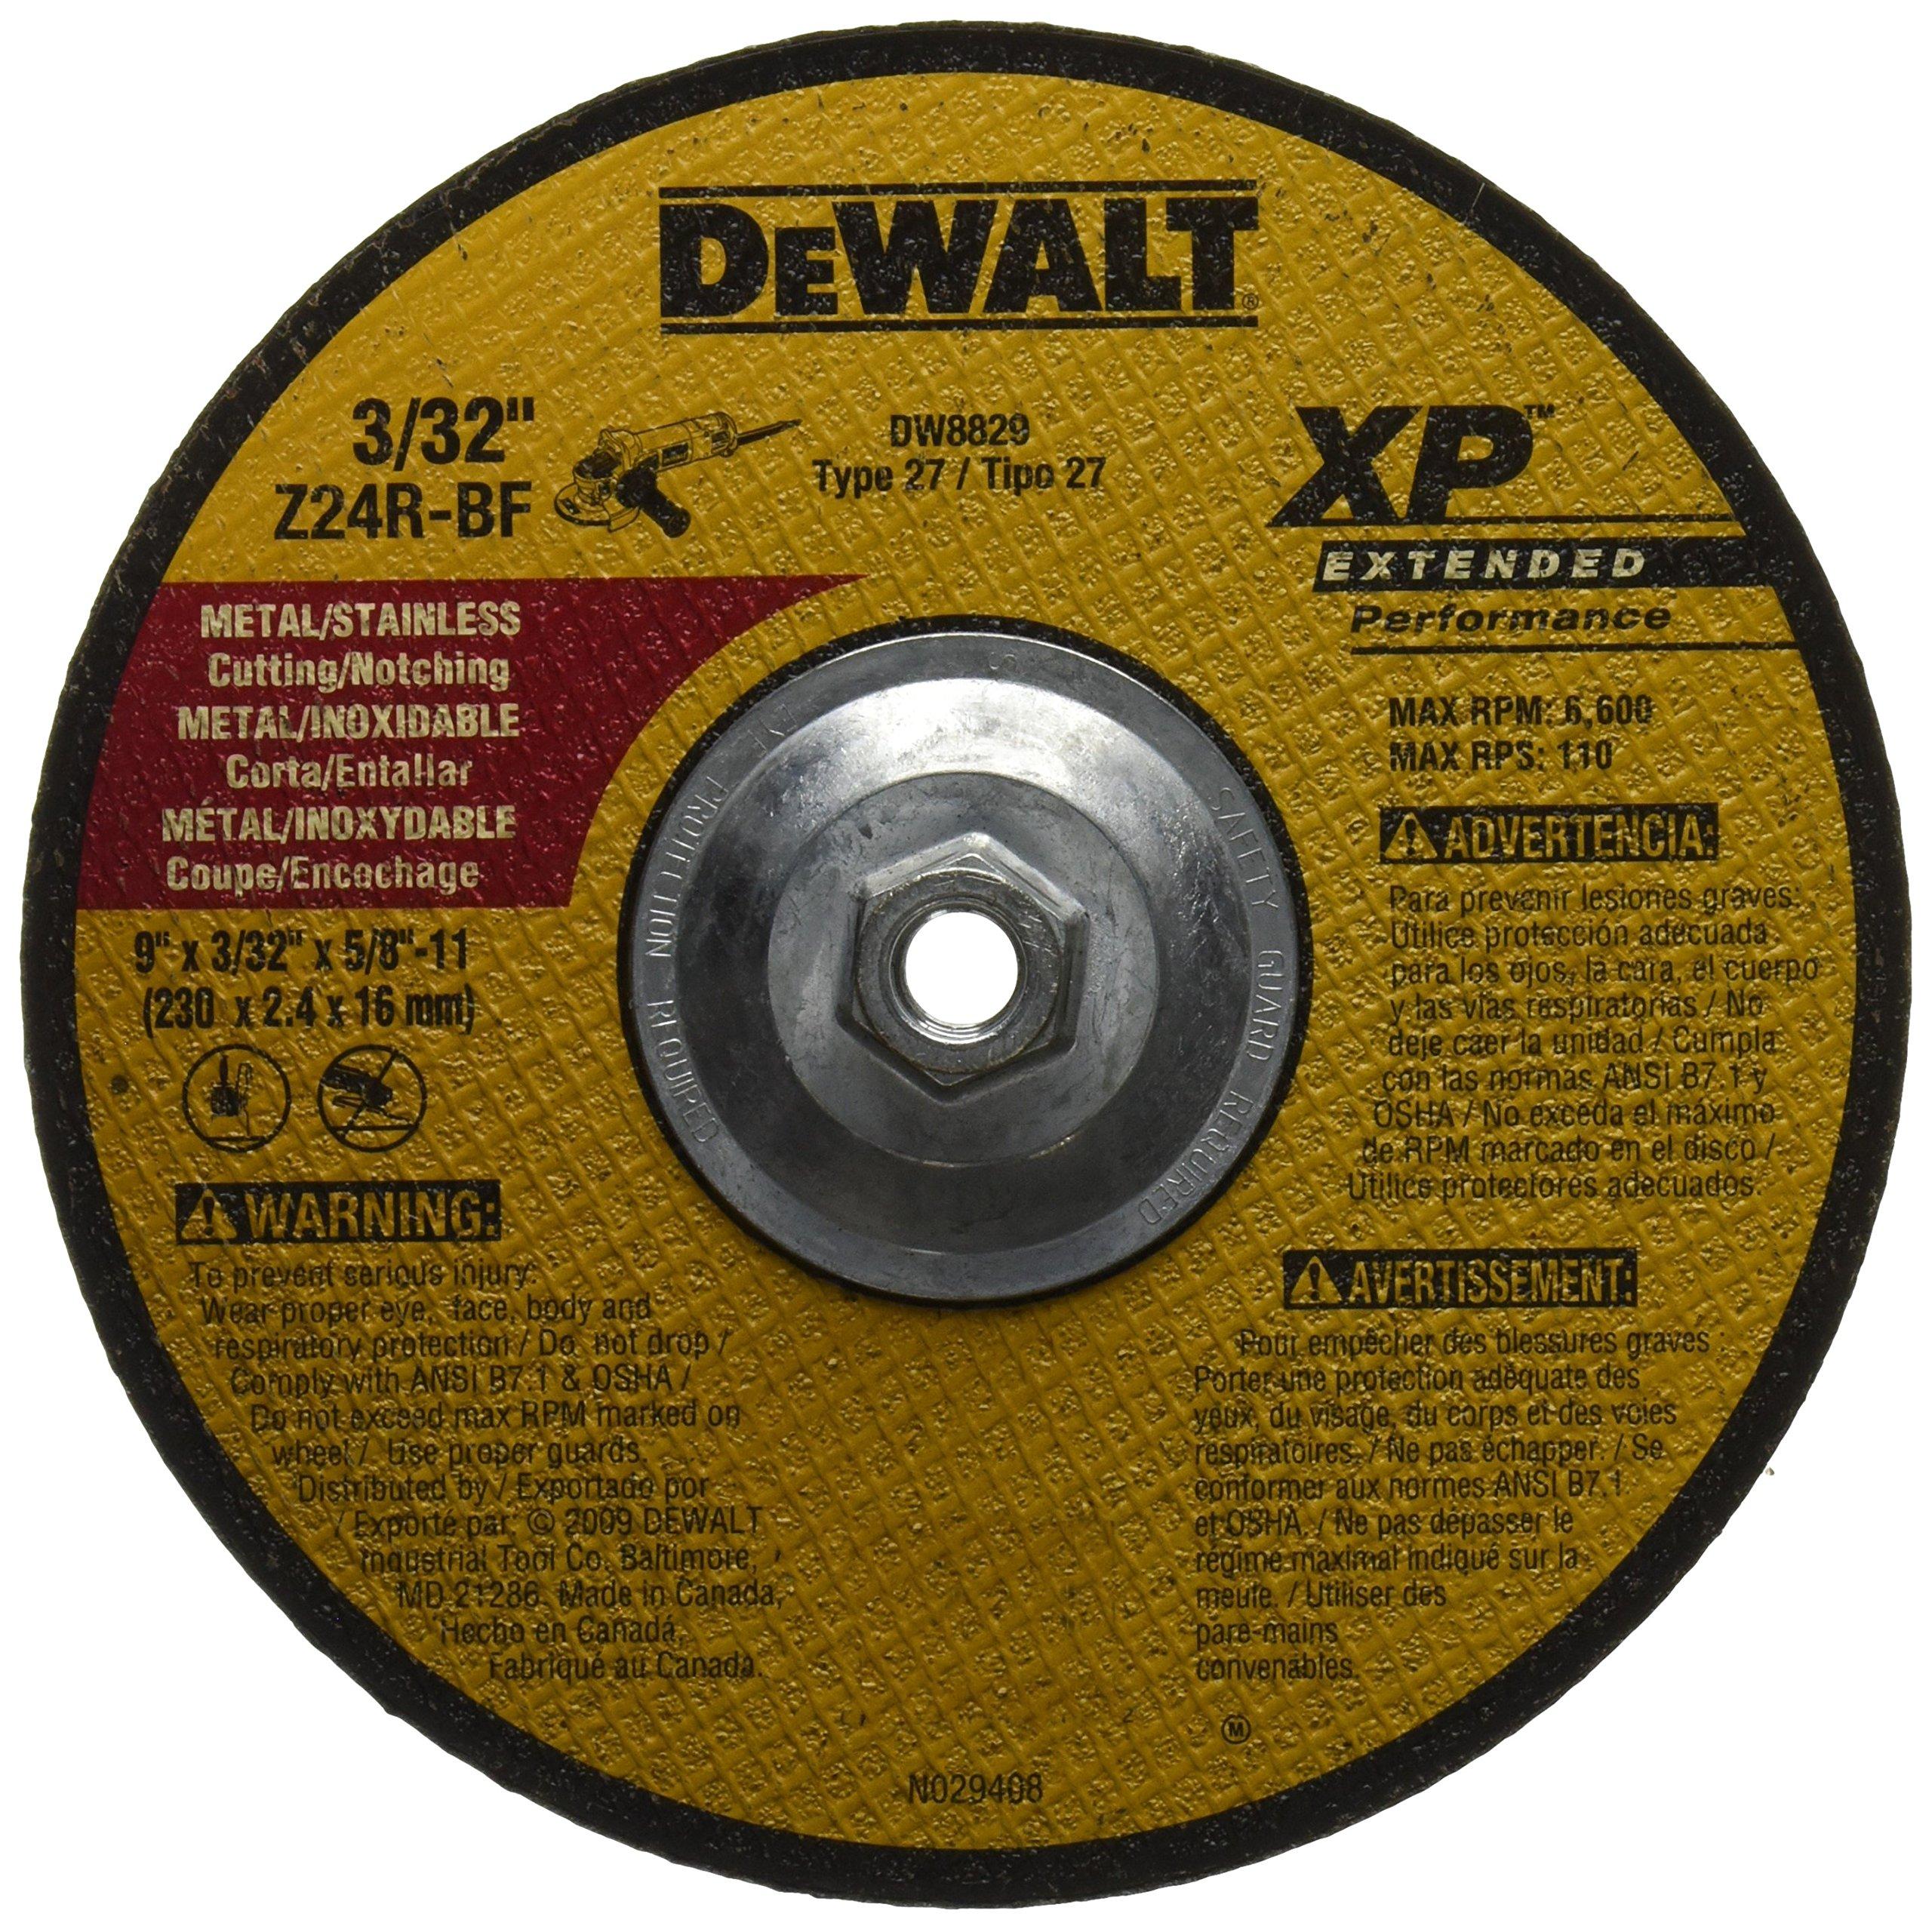 DEWALT DW8829 9-Inch by 3/32-Inch by 5/8-Inch-11 XP Cutting and Notching Wheel